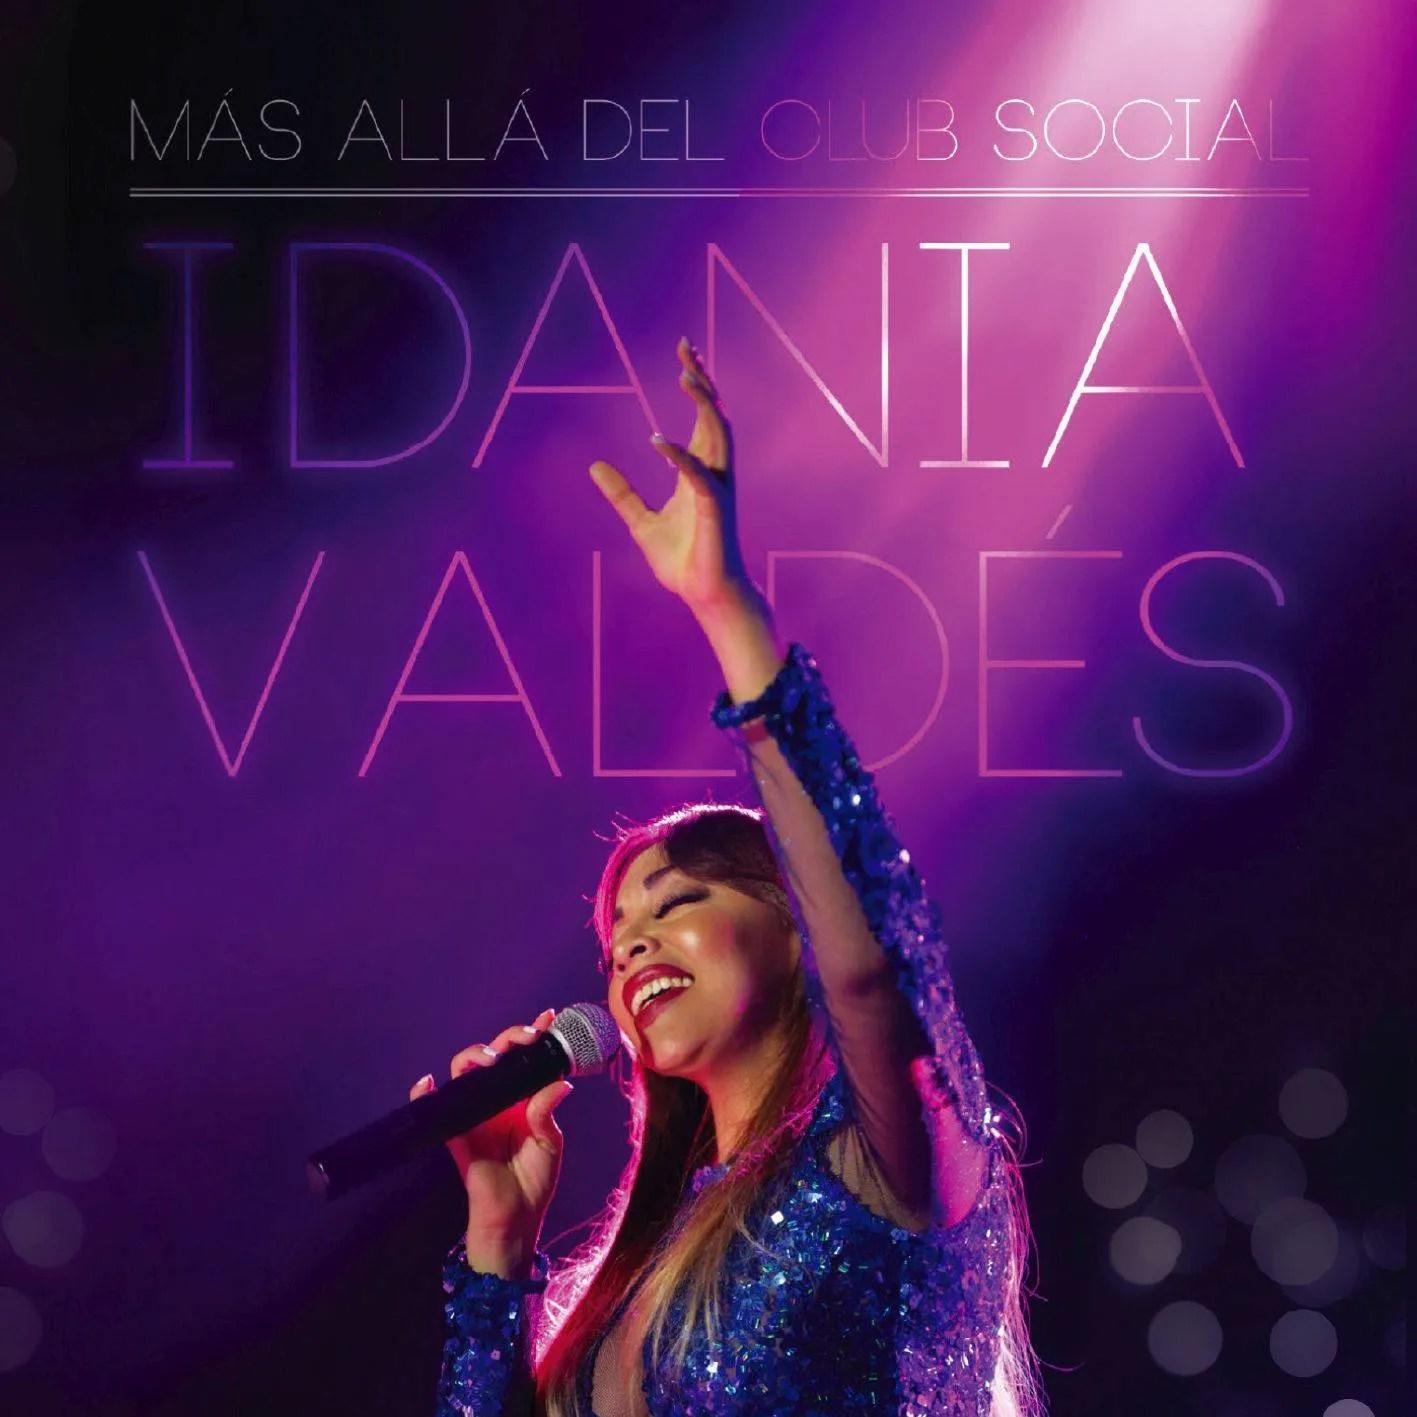 Portada del CD/DVD Idania Valdés: Más allá del club social. Cortesía de la artista.